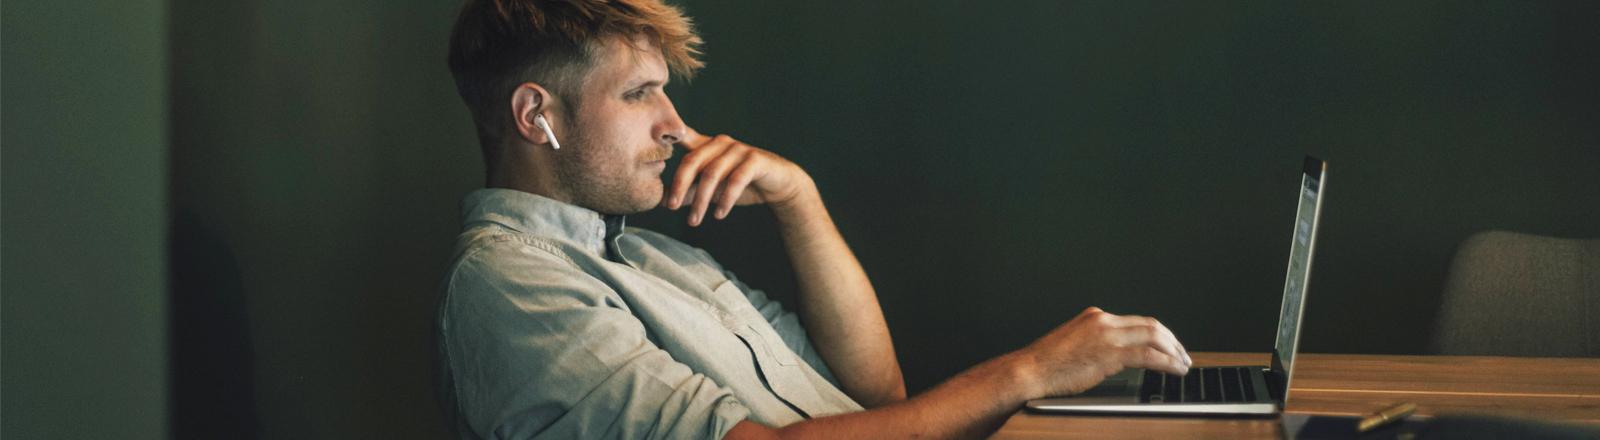 Mann sitzt schief am Laptop